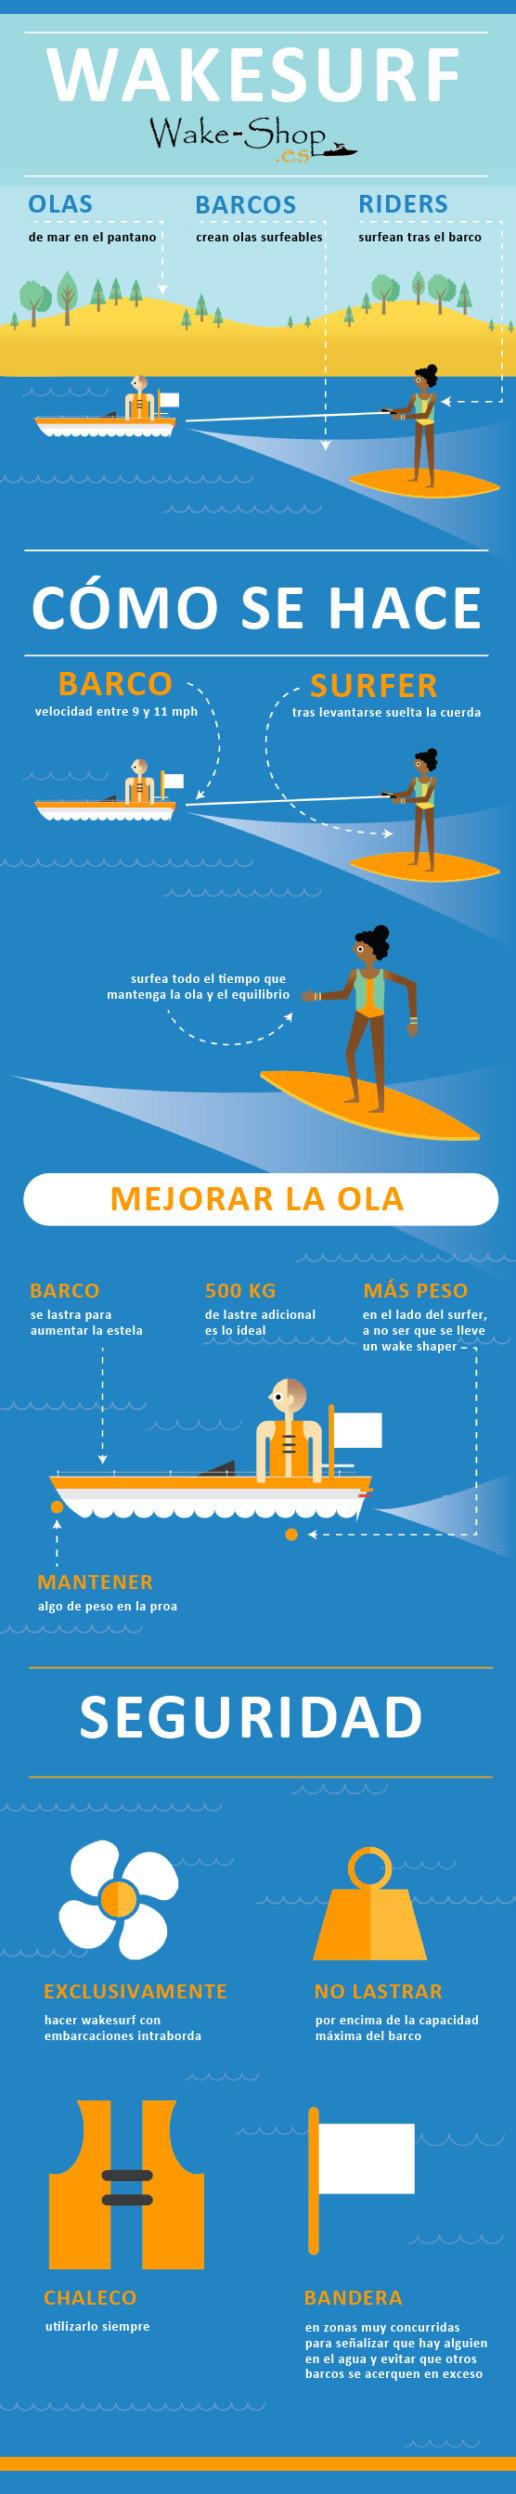 Infofrafía wakesurf